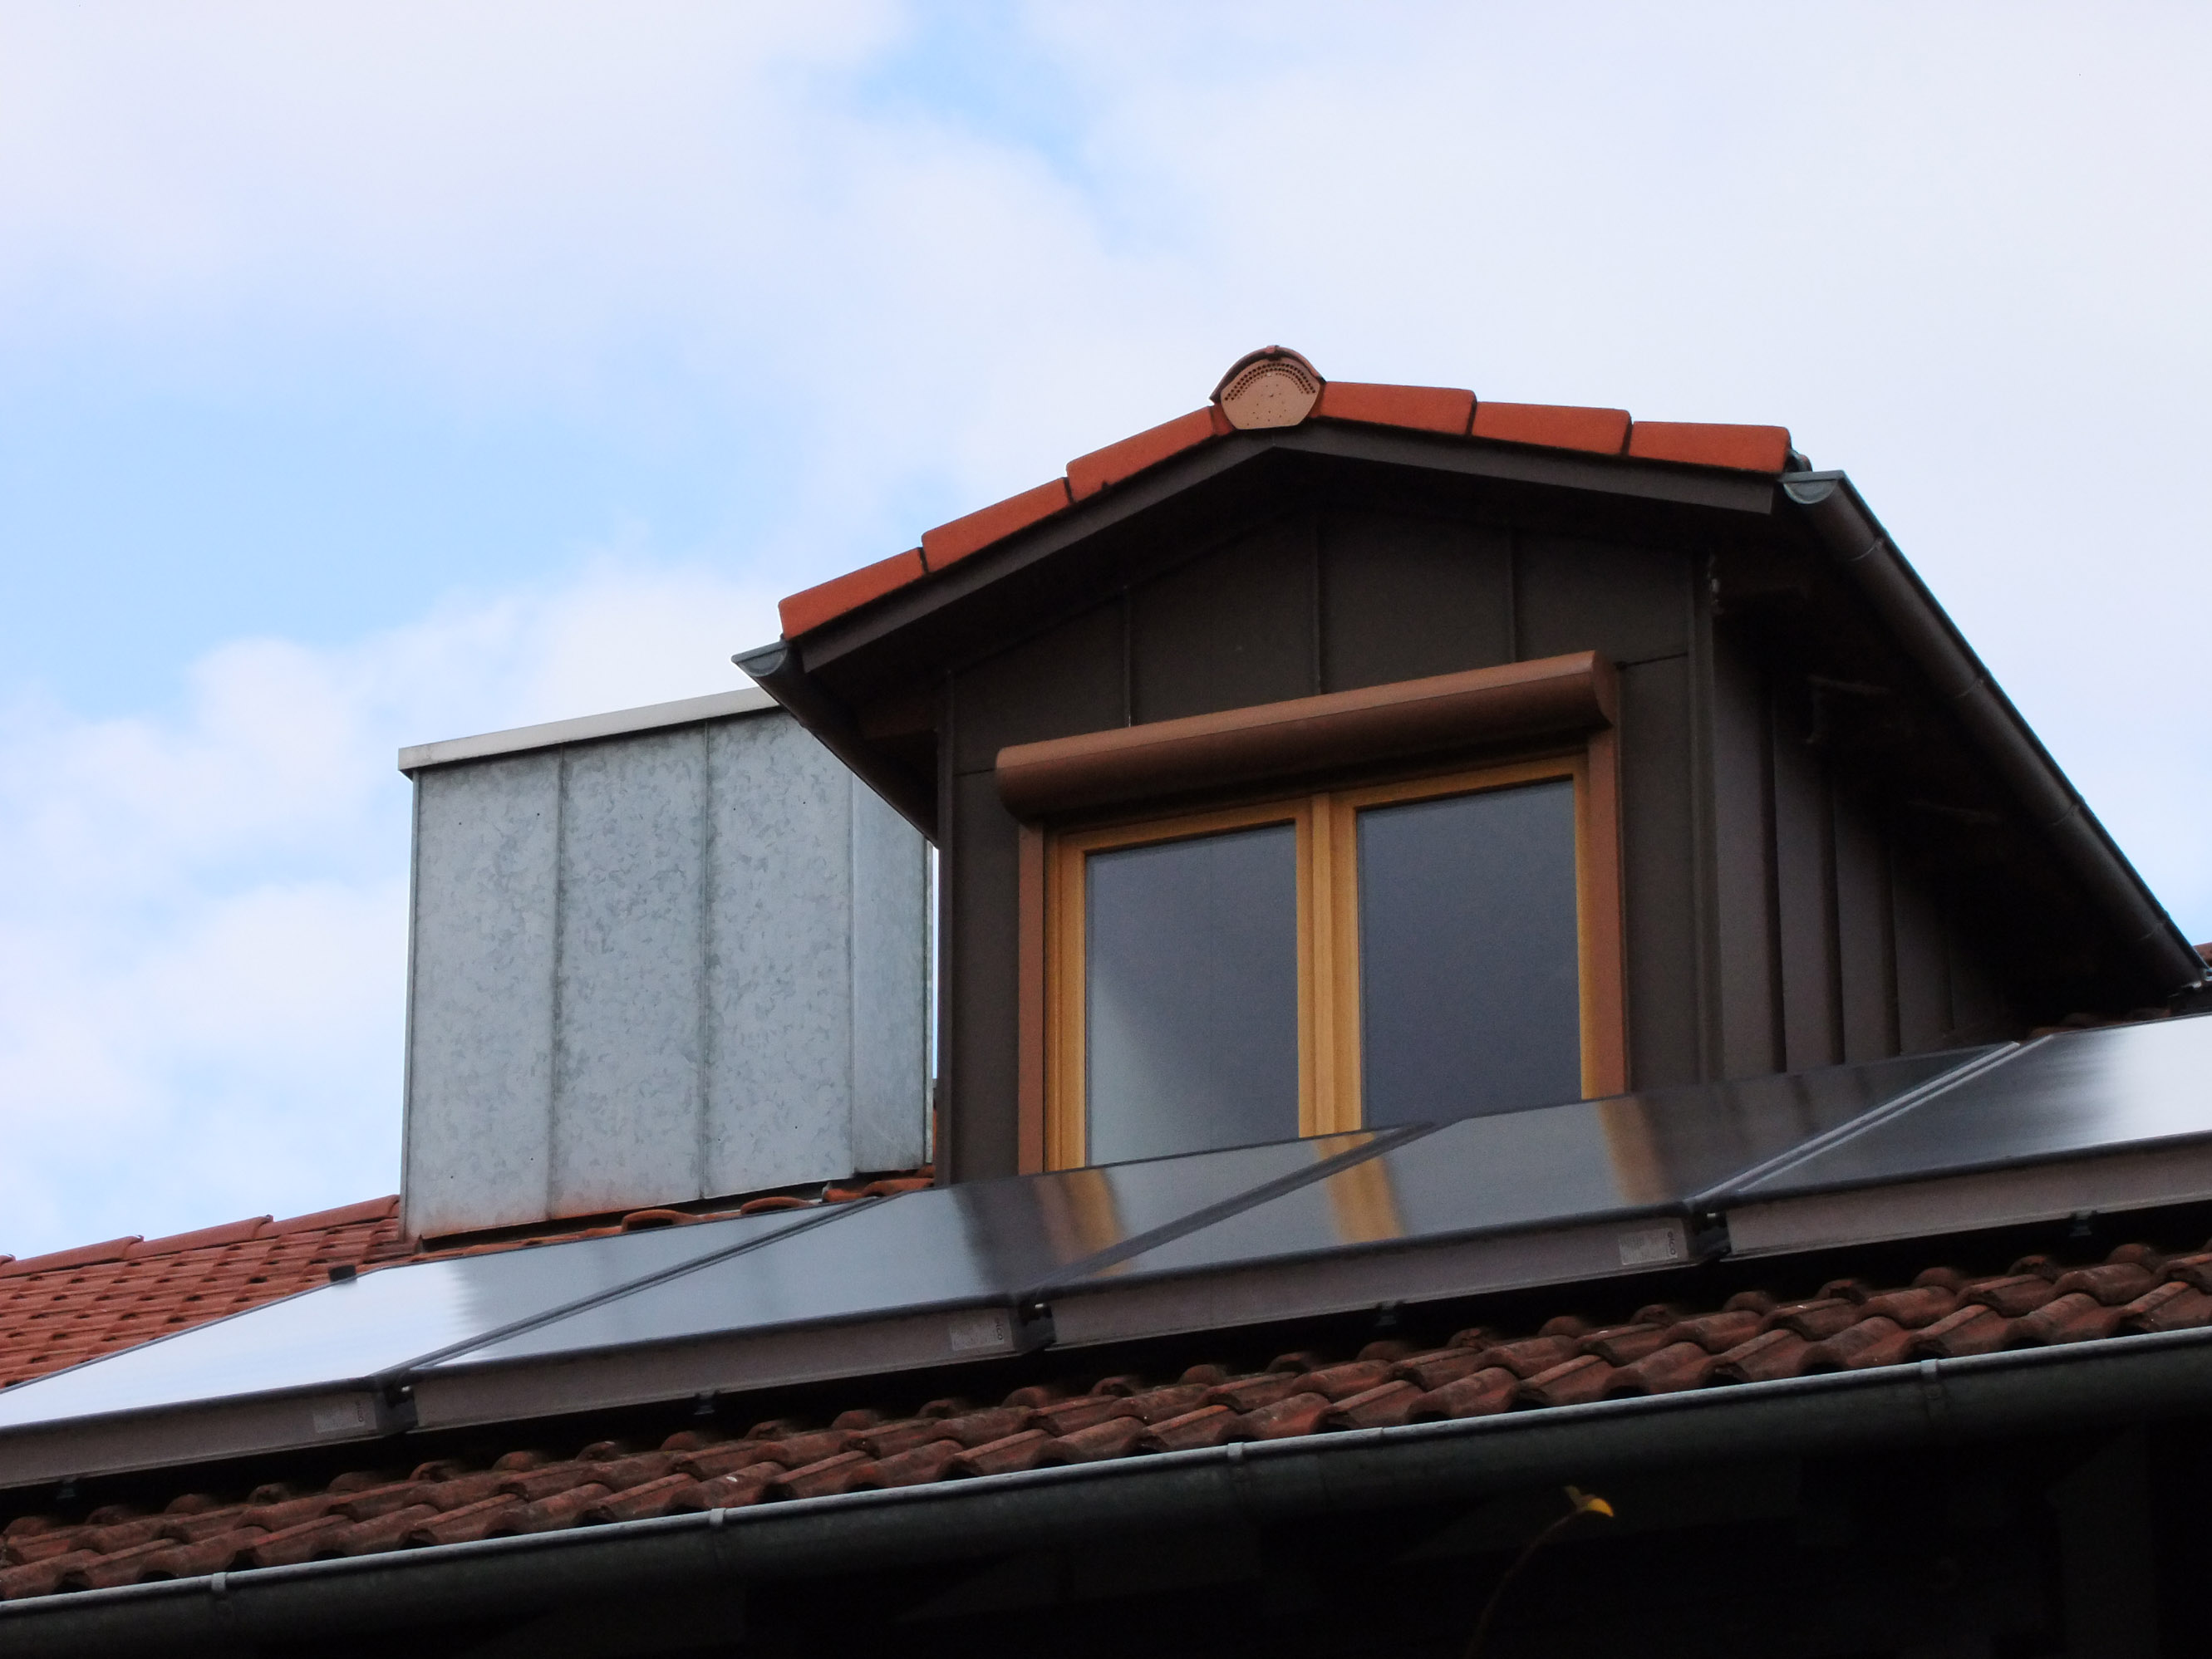 energie sparen mit alternativen heizmethoden nachhaltig und umweltfreundlich bauen. Black Bedroom Furniture Sets. Home Design Ideas